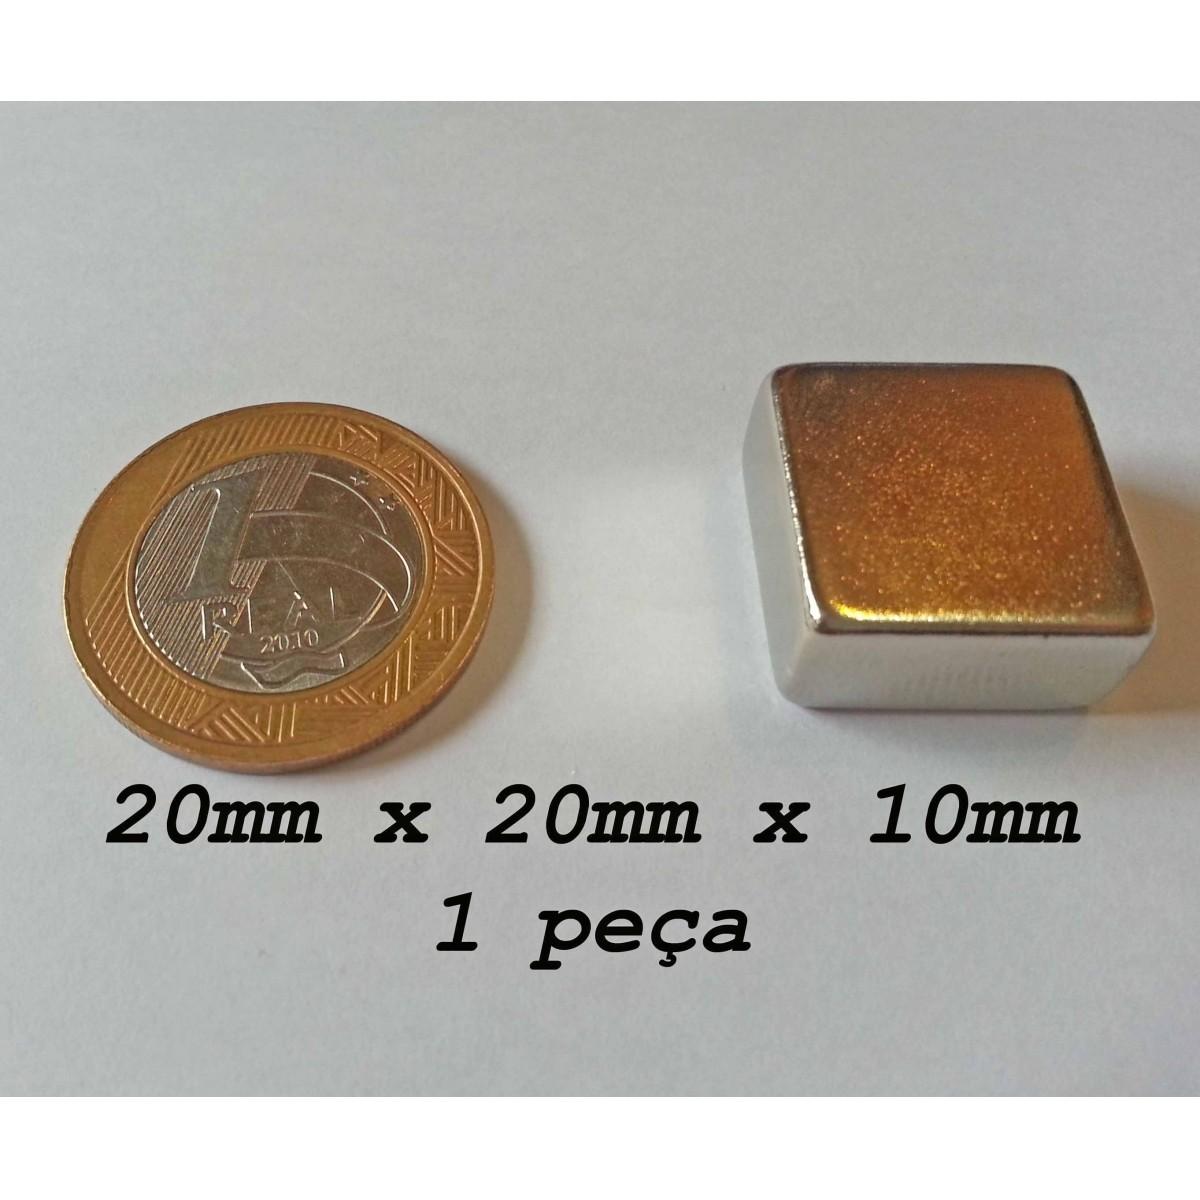 Ima De Neodímio / Super Forte / 20mm X 20mm X 10mm - 1 Peça